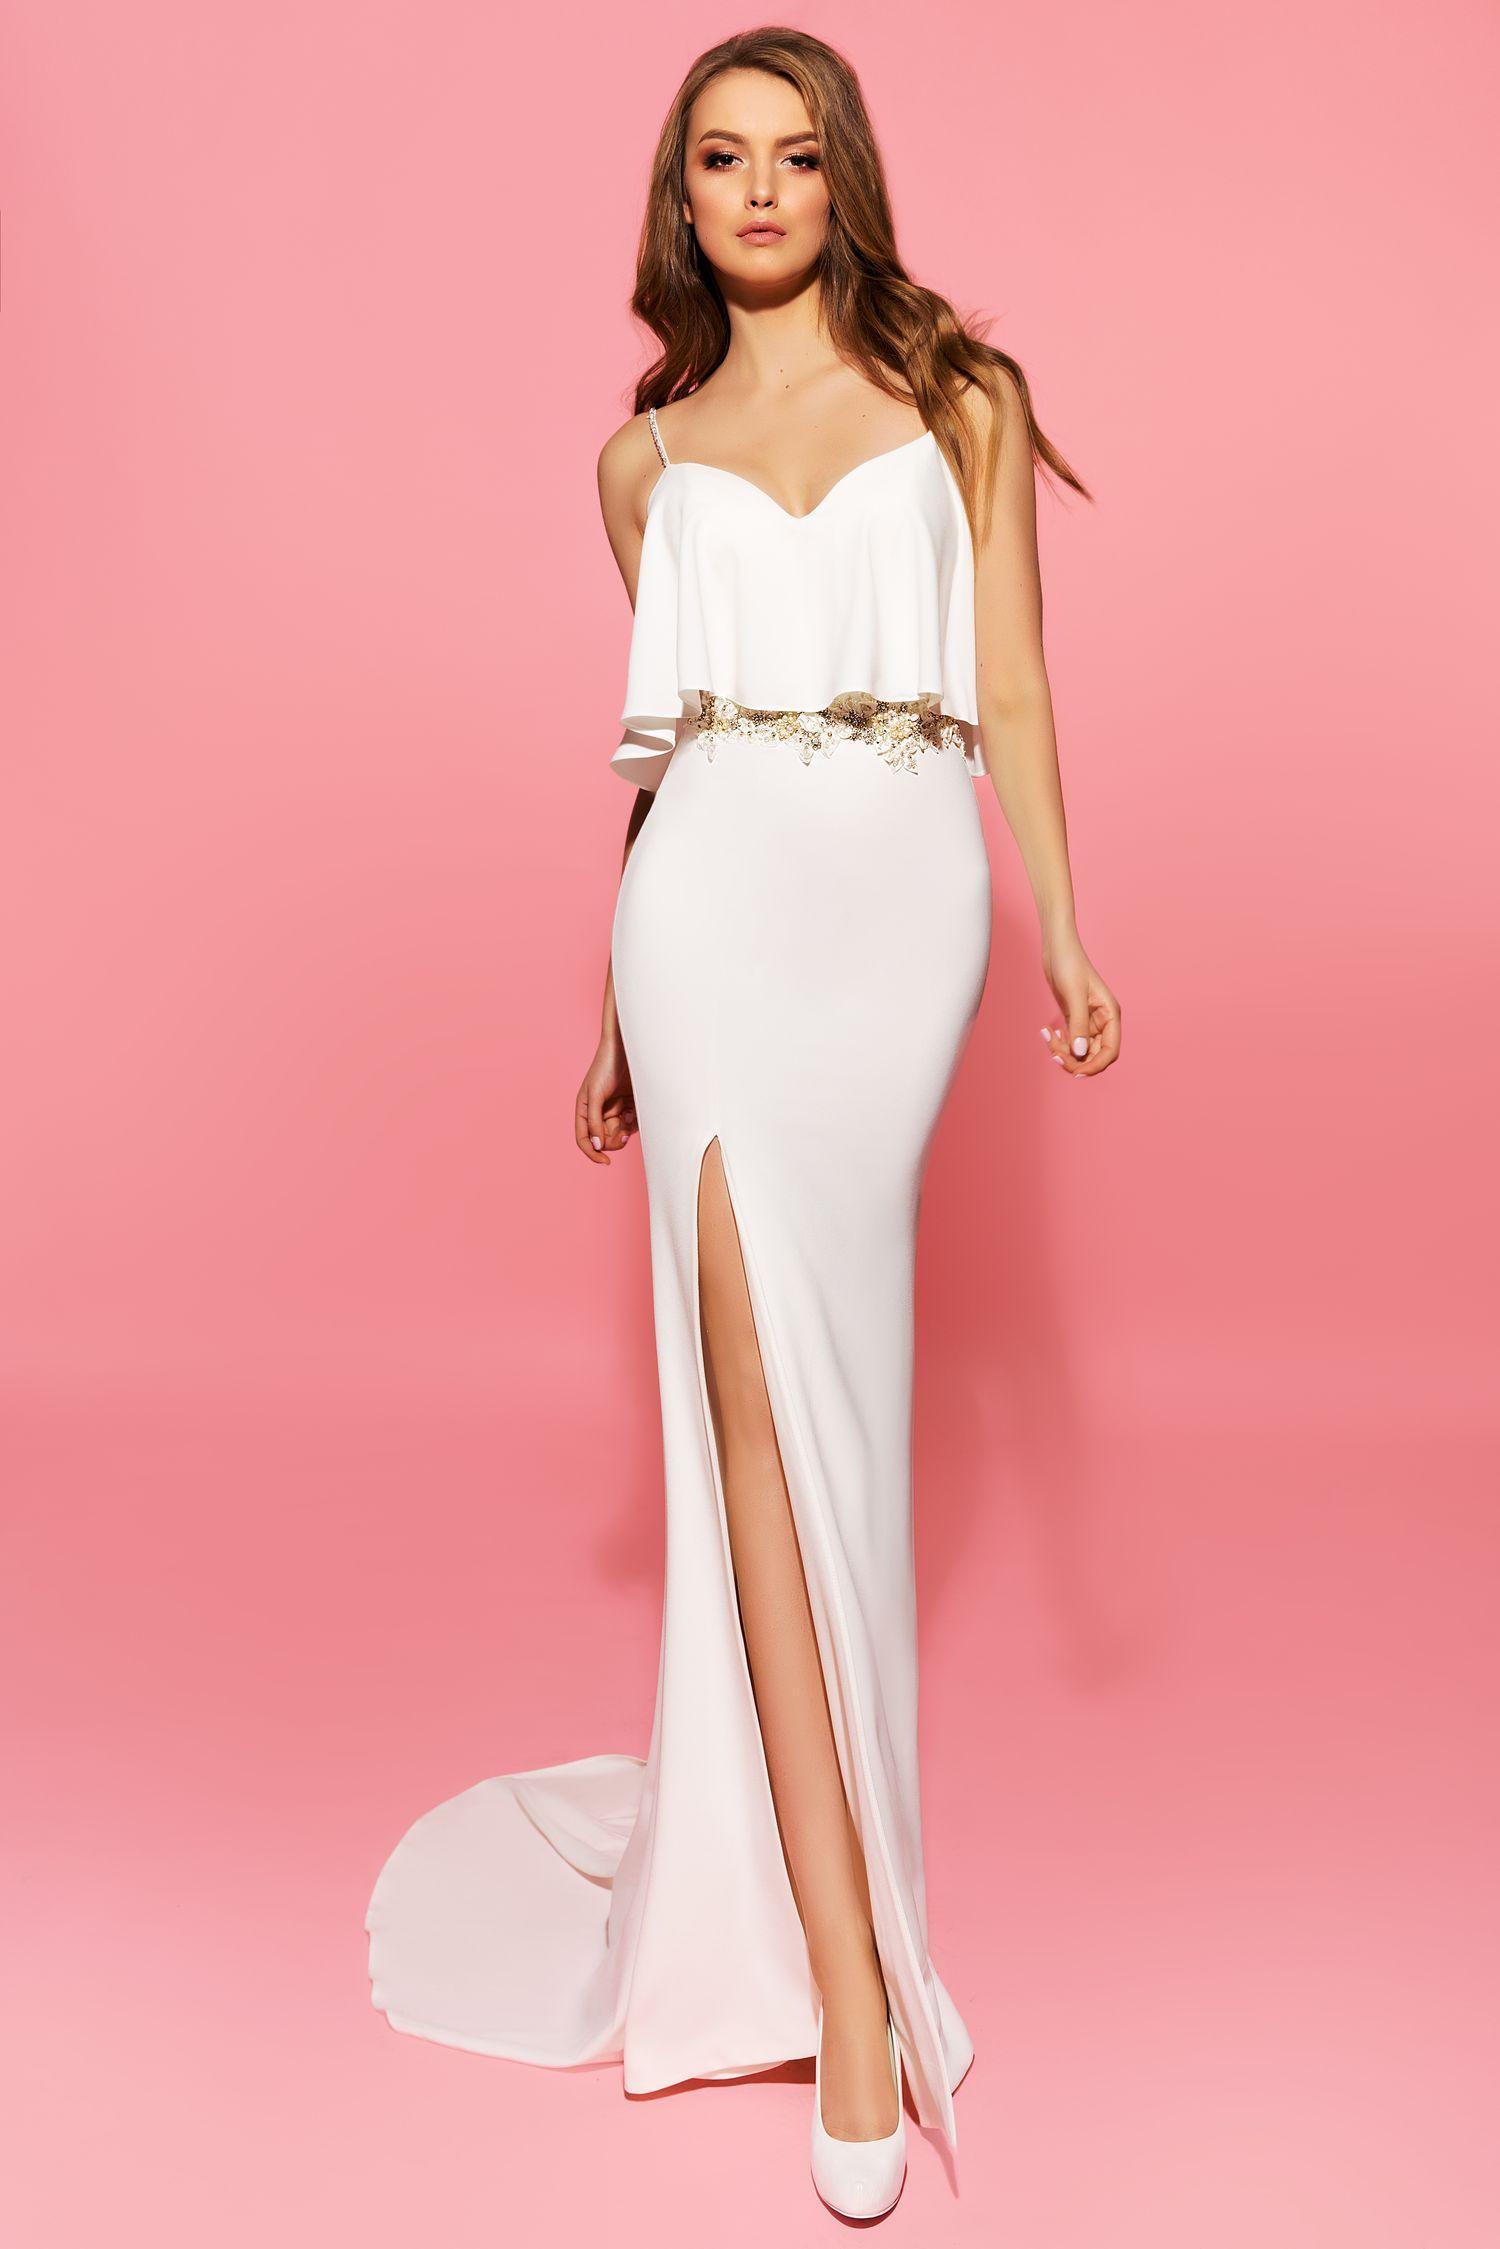 Bonito Vestido De Novia Chav Modelo - Colección de Vestidos de Boda ...